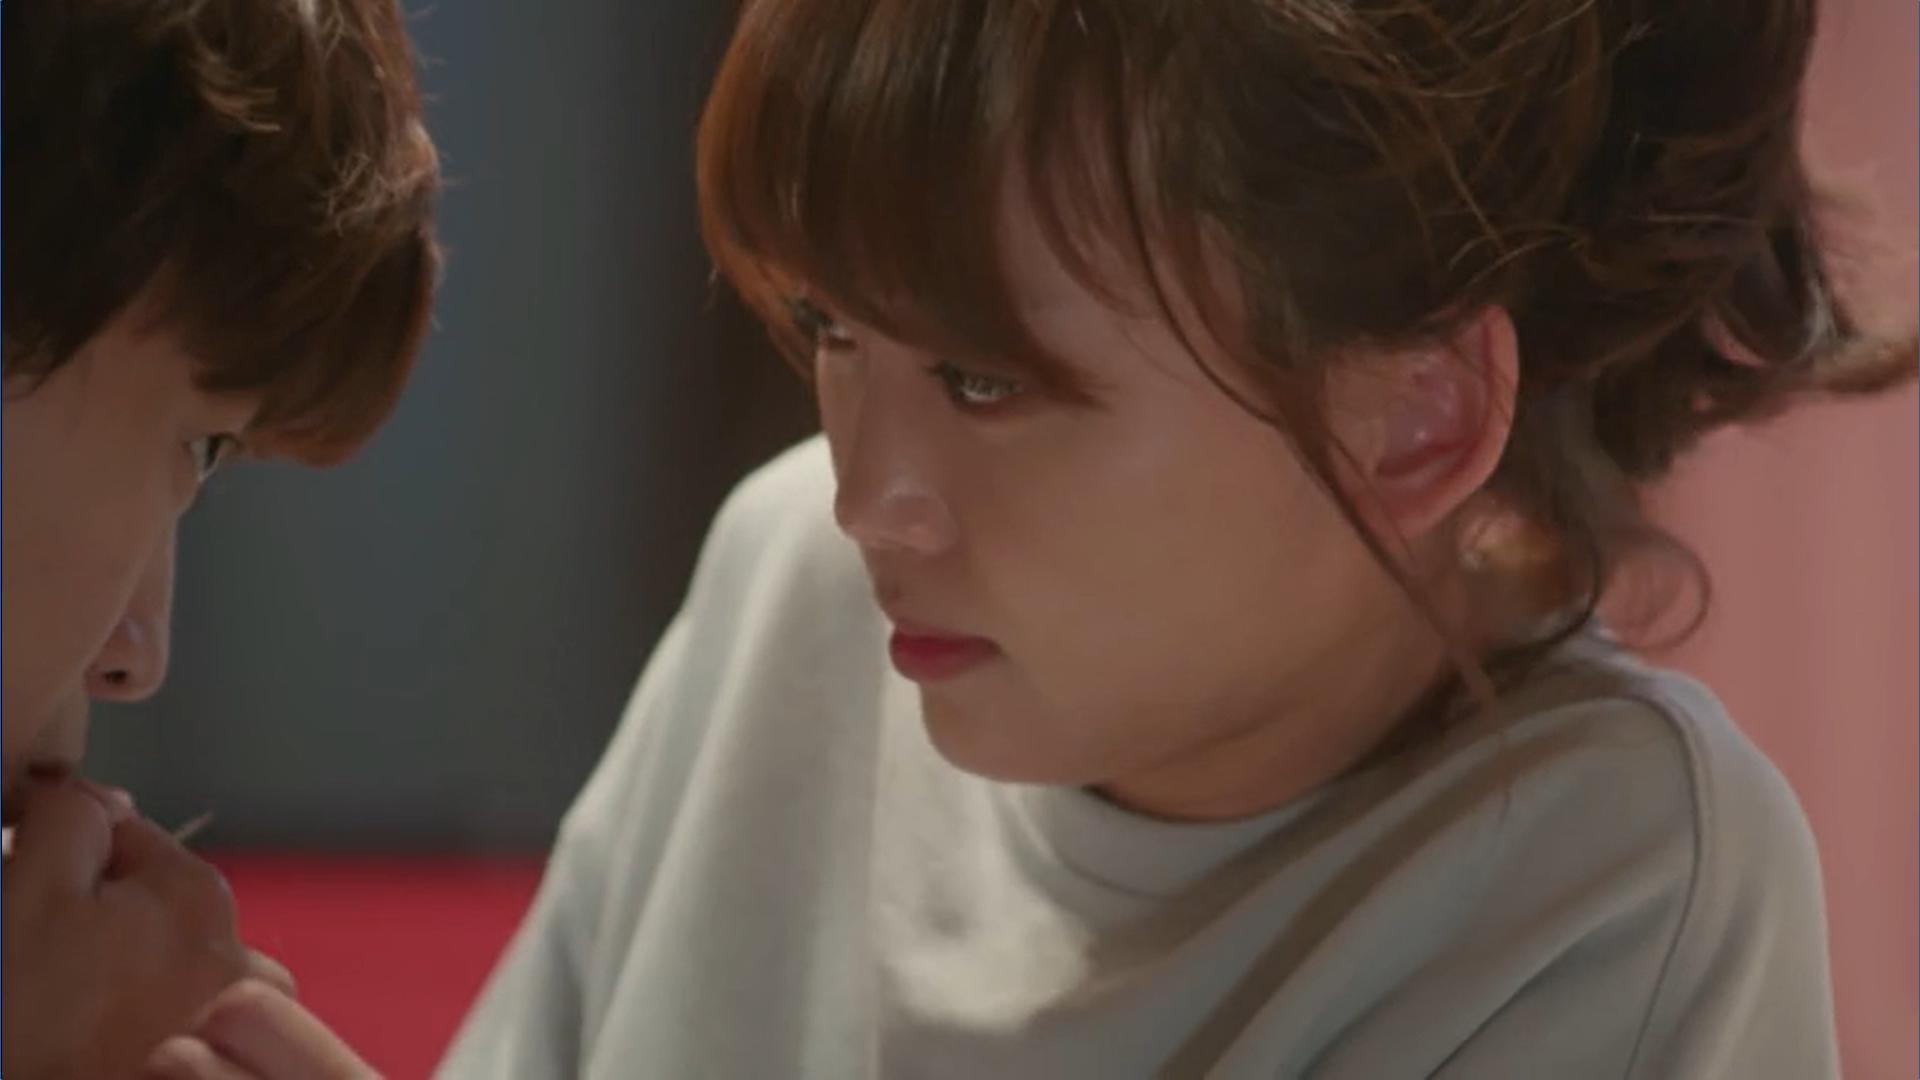 Wednesday 3:30 PM Yoon Jae-won sucking blood from Seon Eun-woo's finger